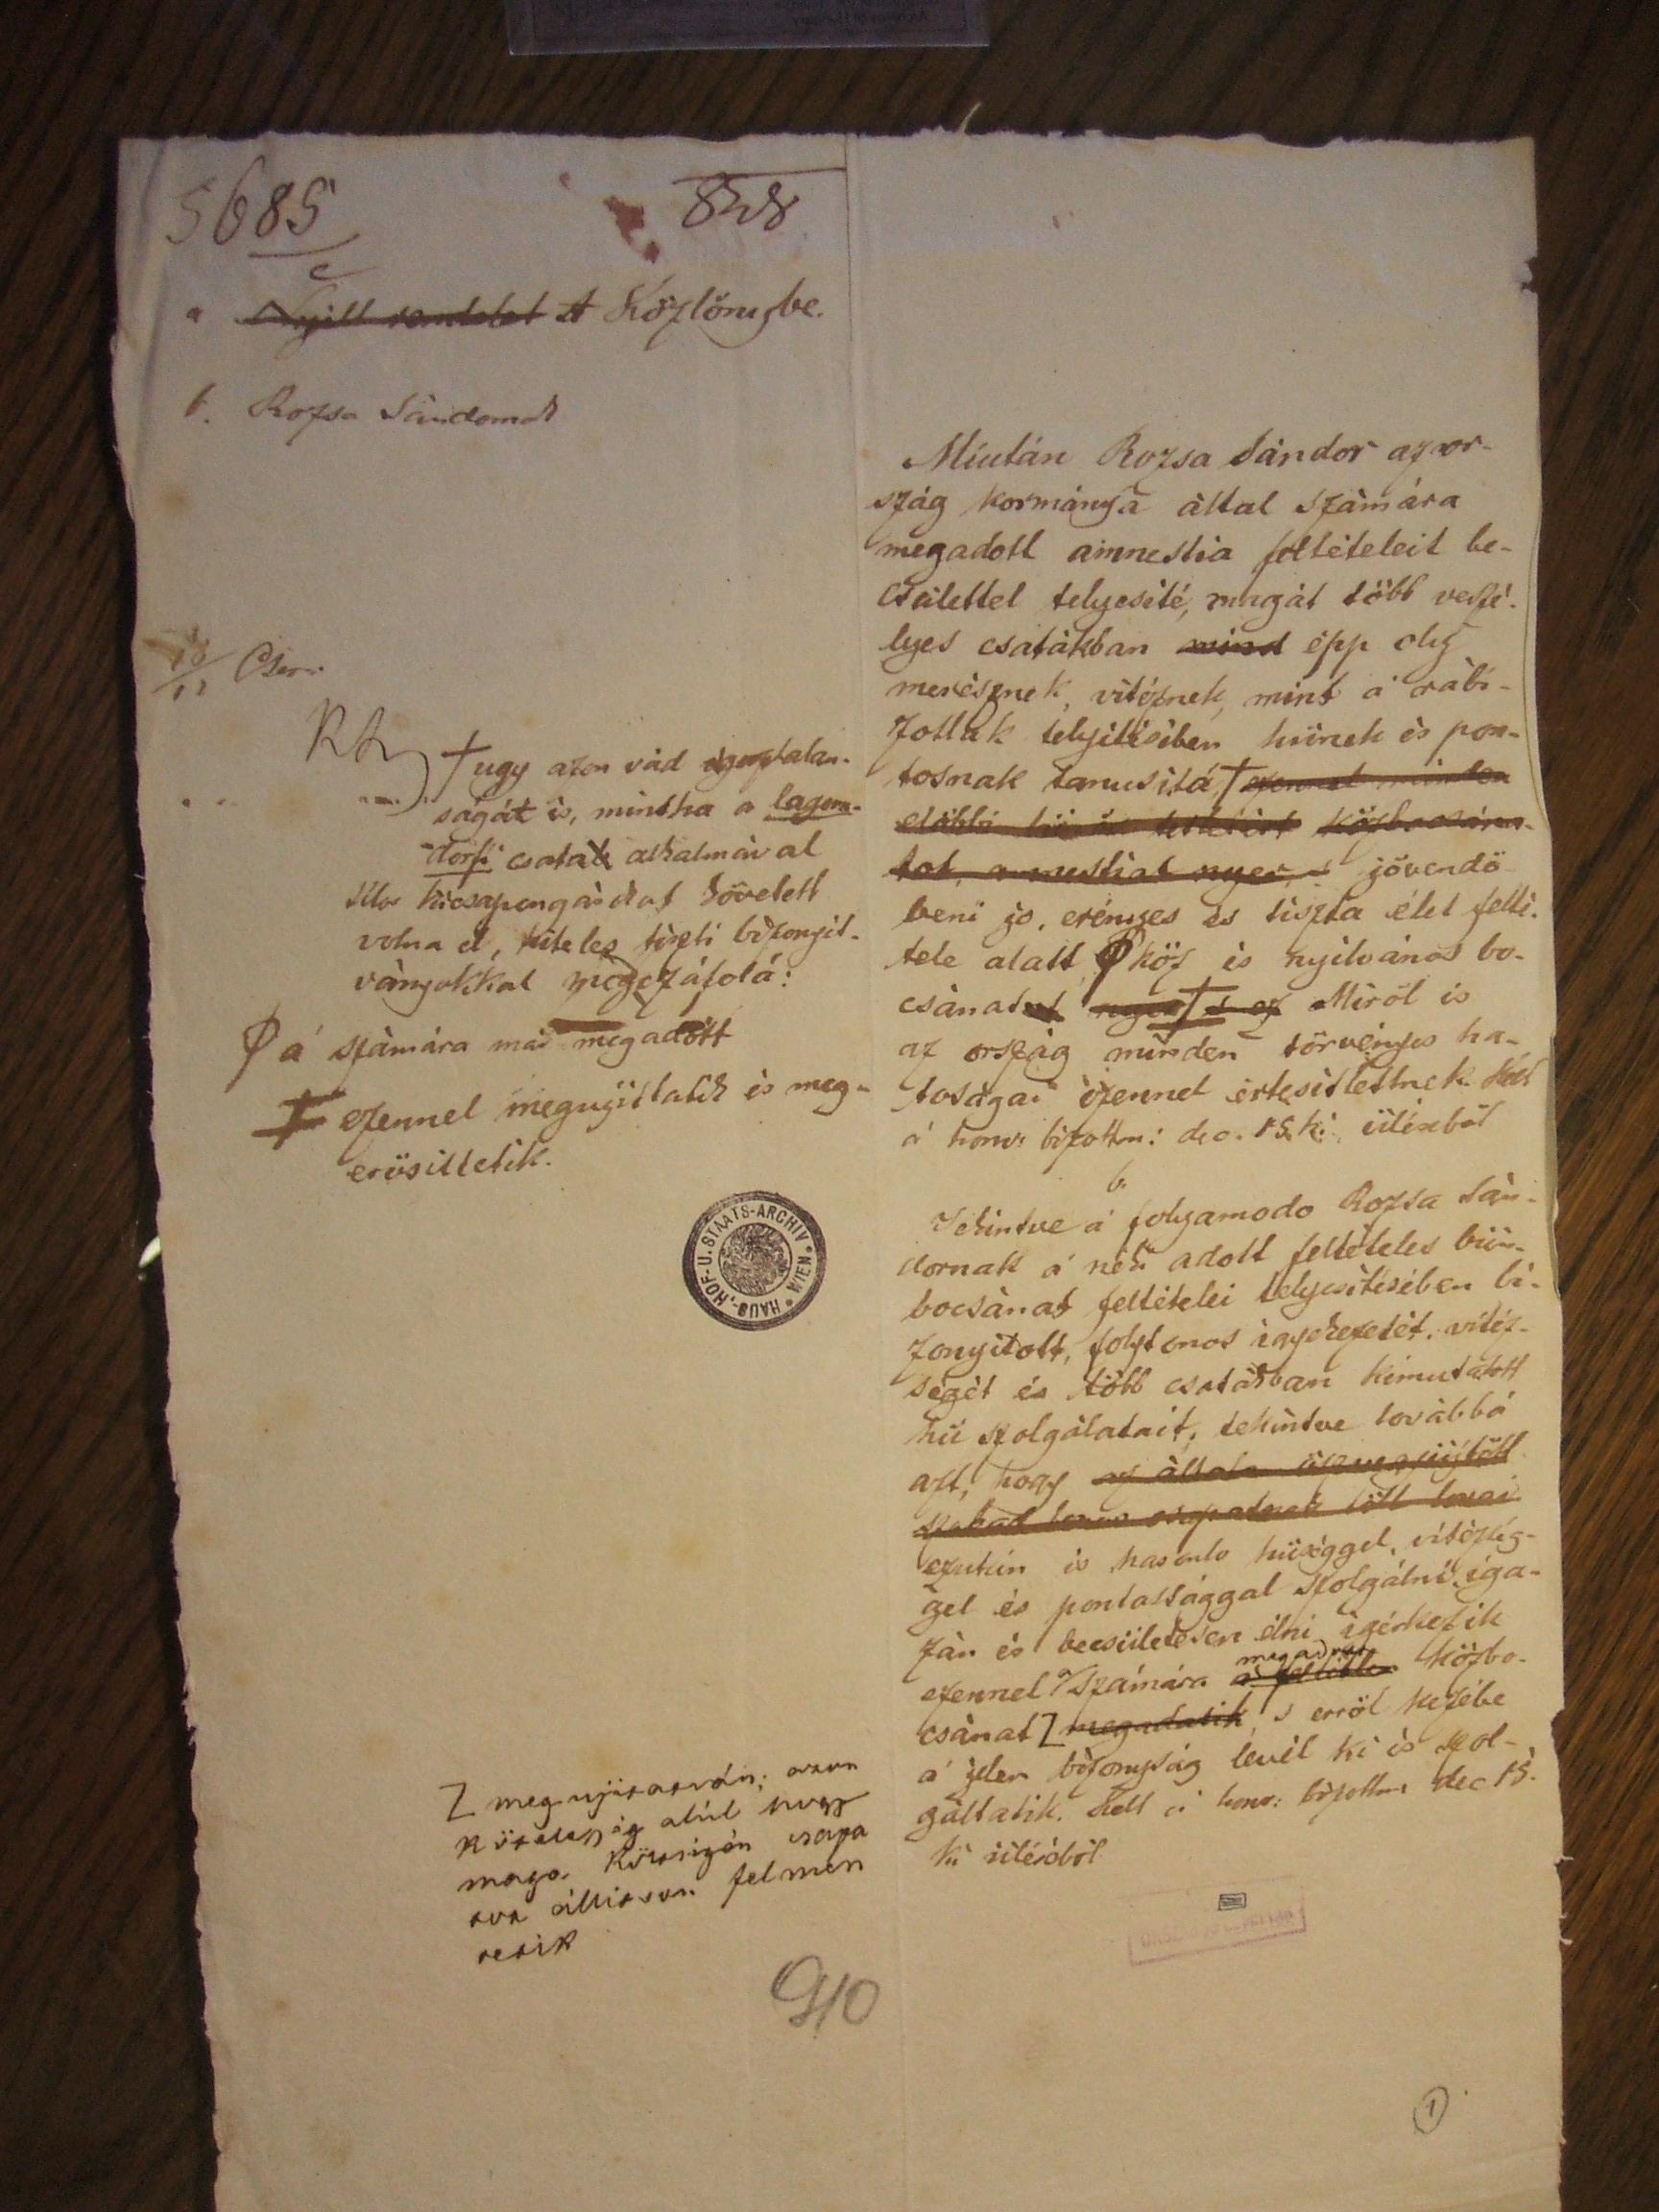 Rózsa Sándor végleges amnesztiájának fogalmazványa Kossuth Lajos sajátkezű kiegészítéseivel (Budapest, 1848. december 15.)